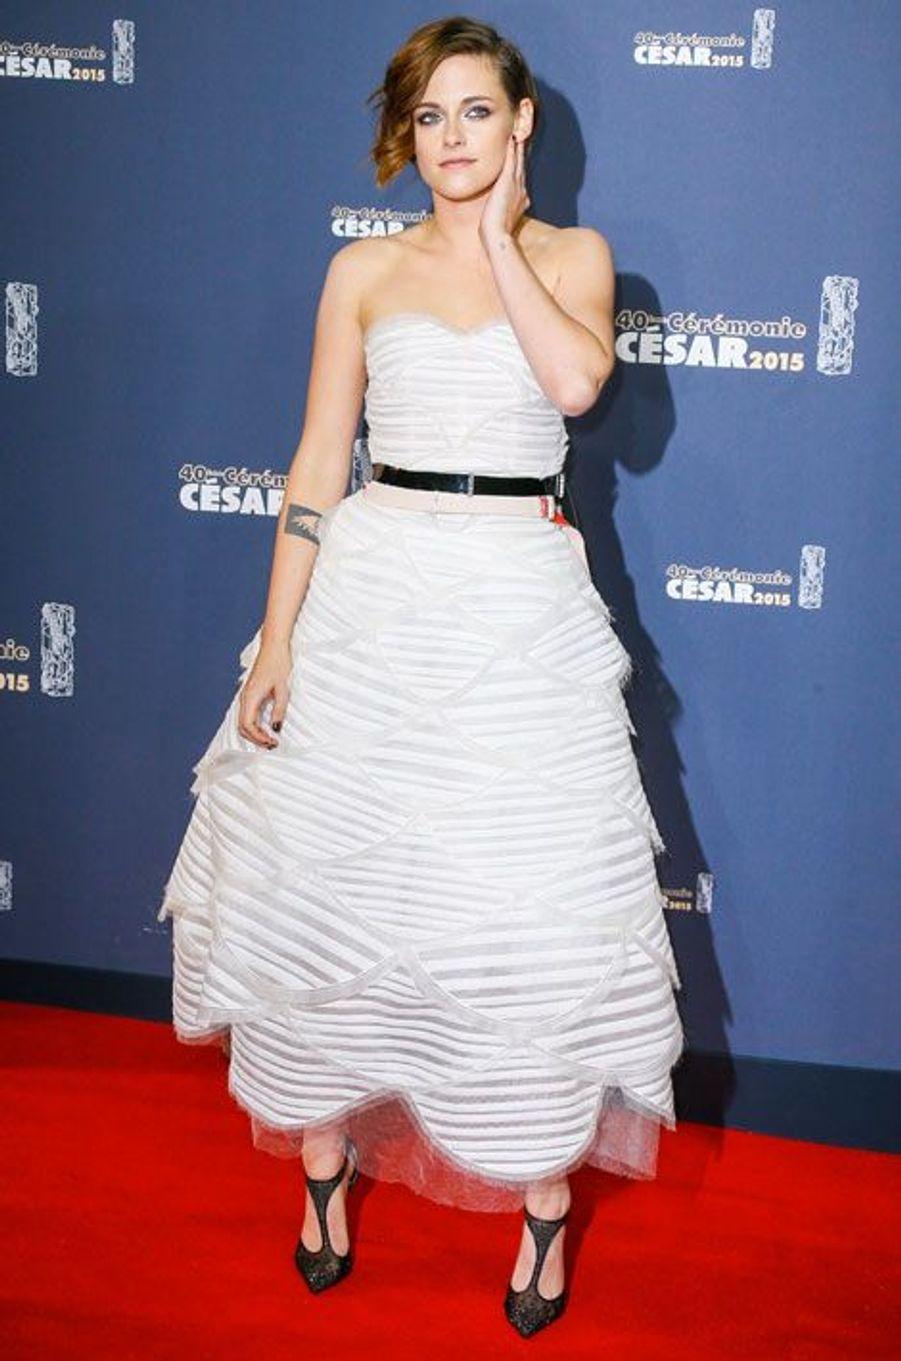 Kristen Stewart en Chanel lors de la cérémonie des César à Paris, le 20 février 2015